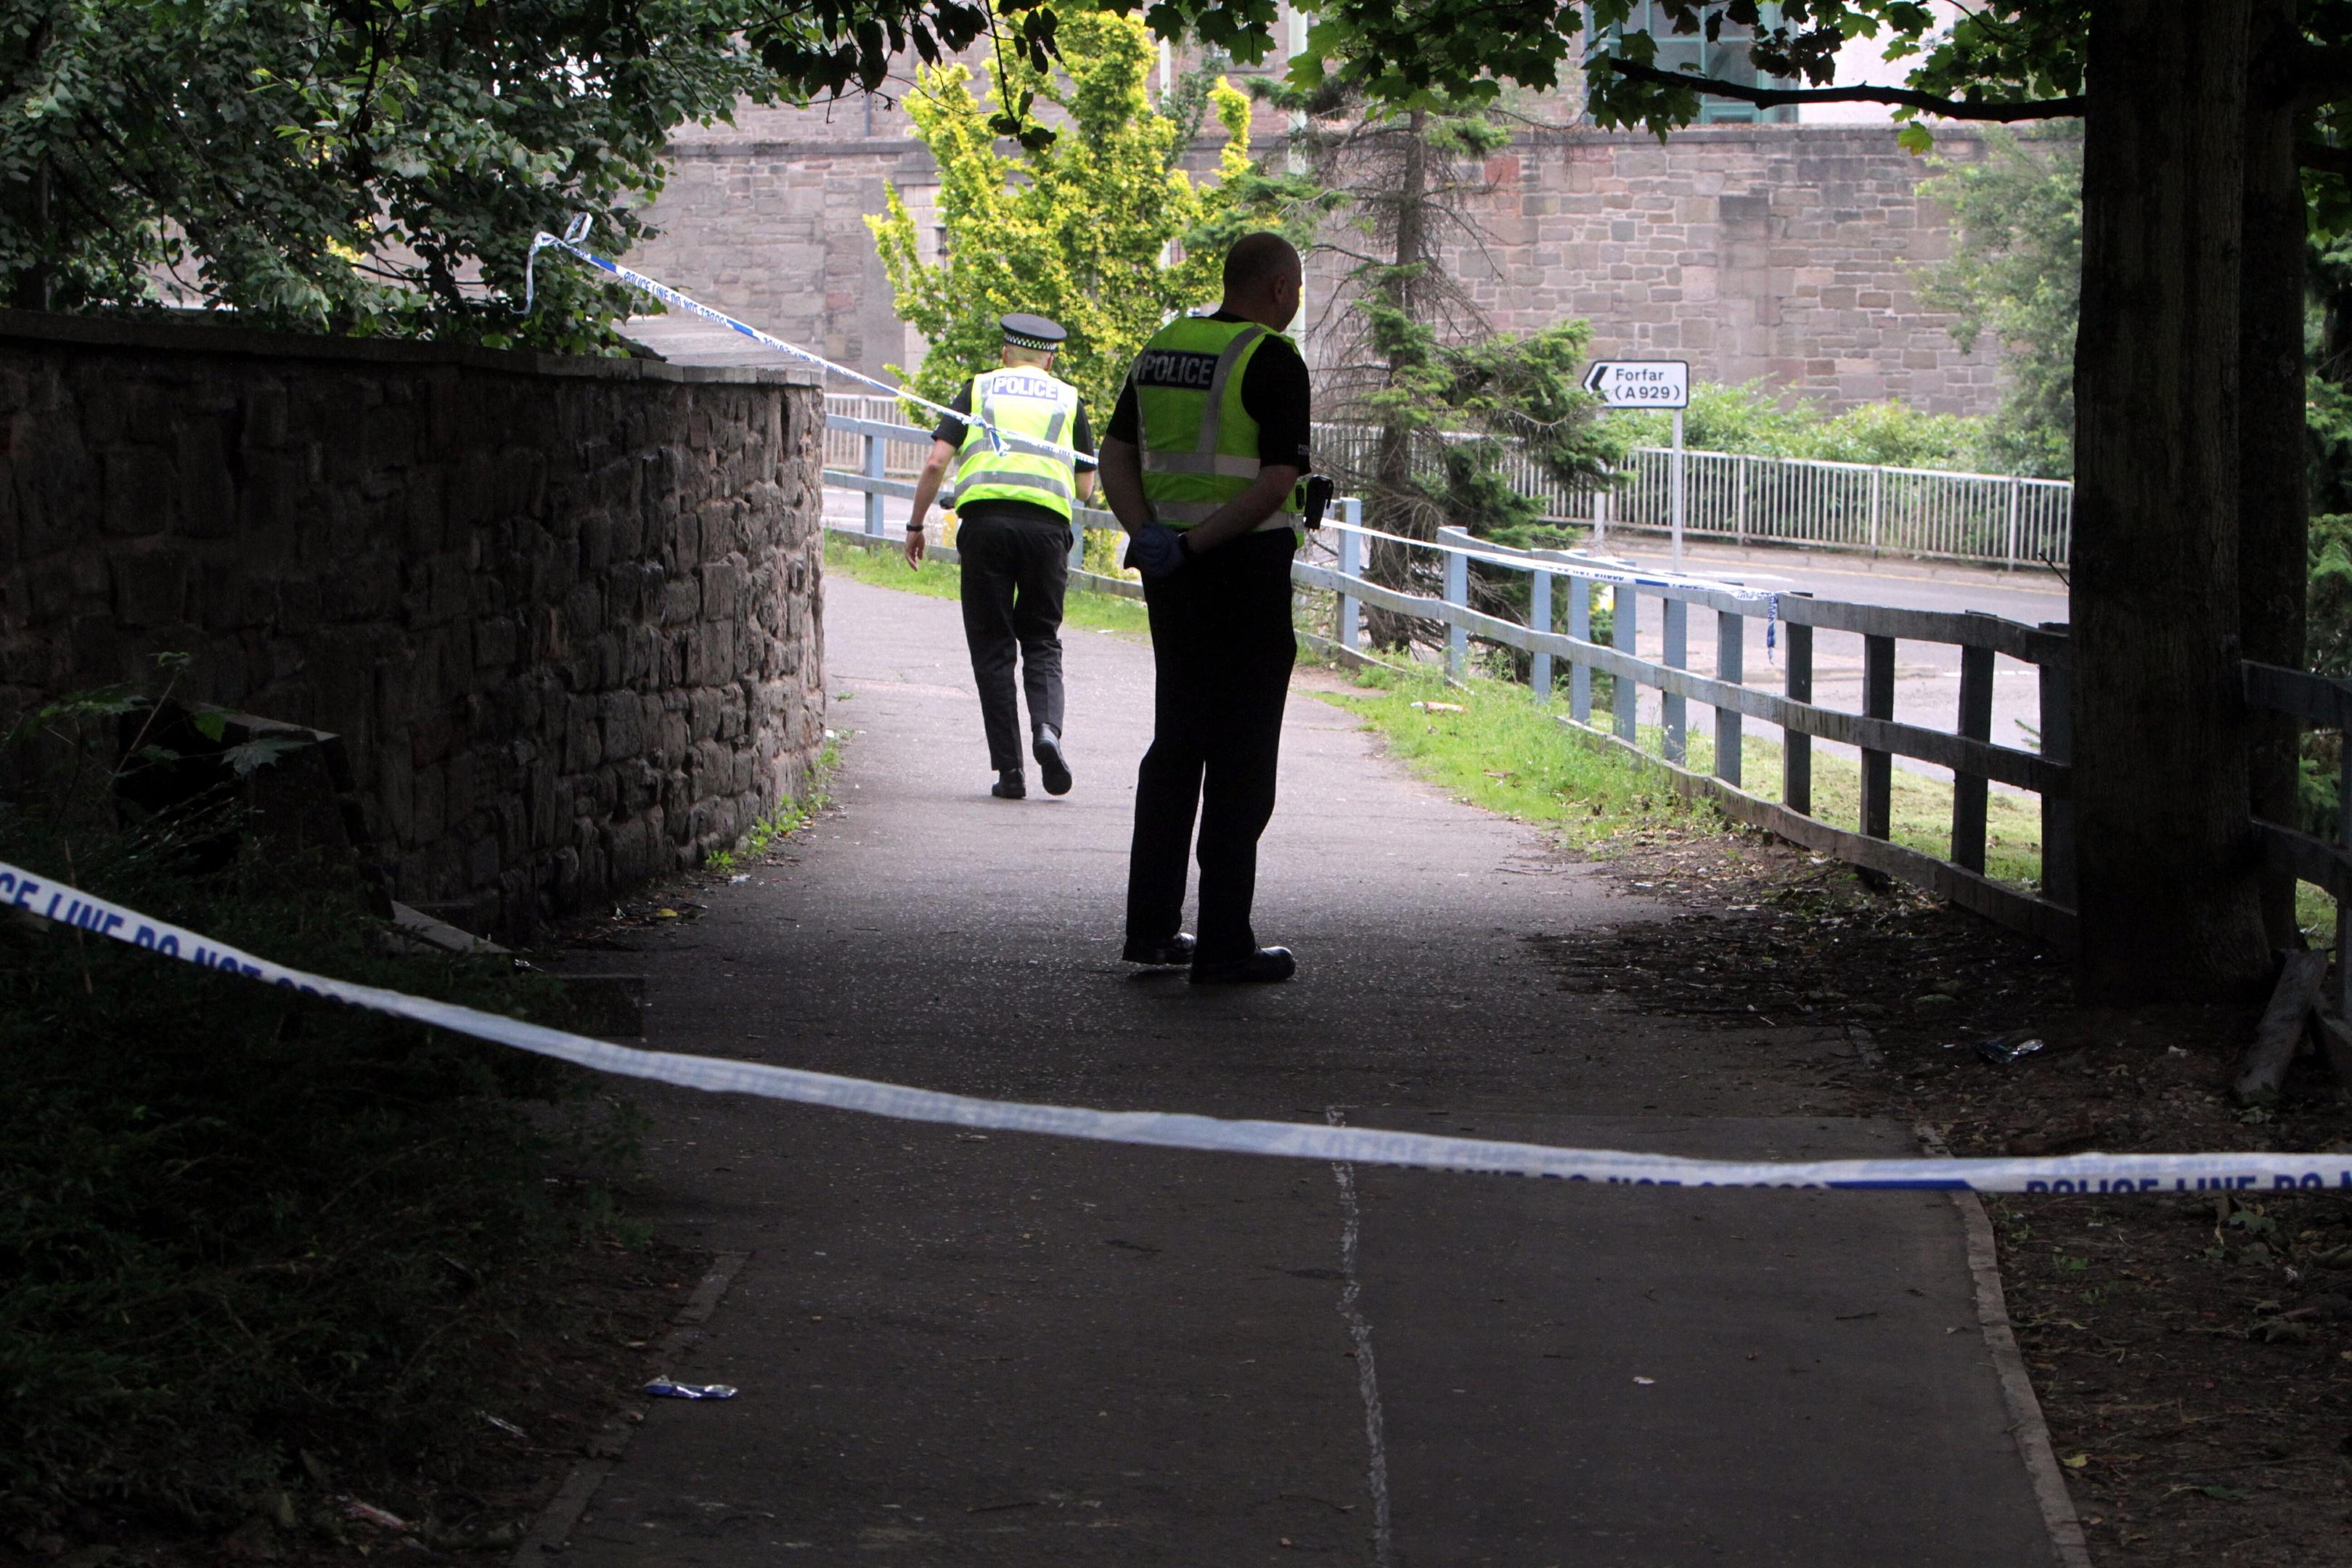 Police near the scene,